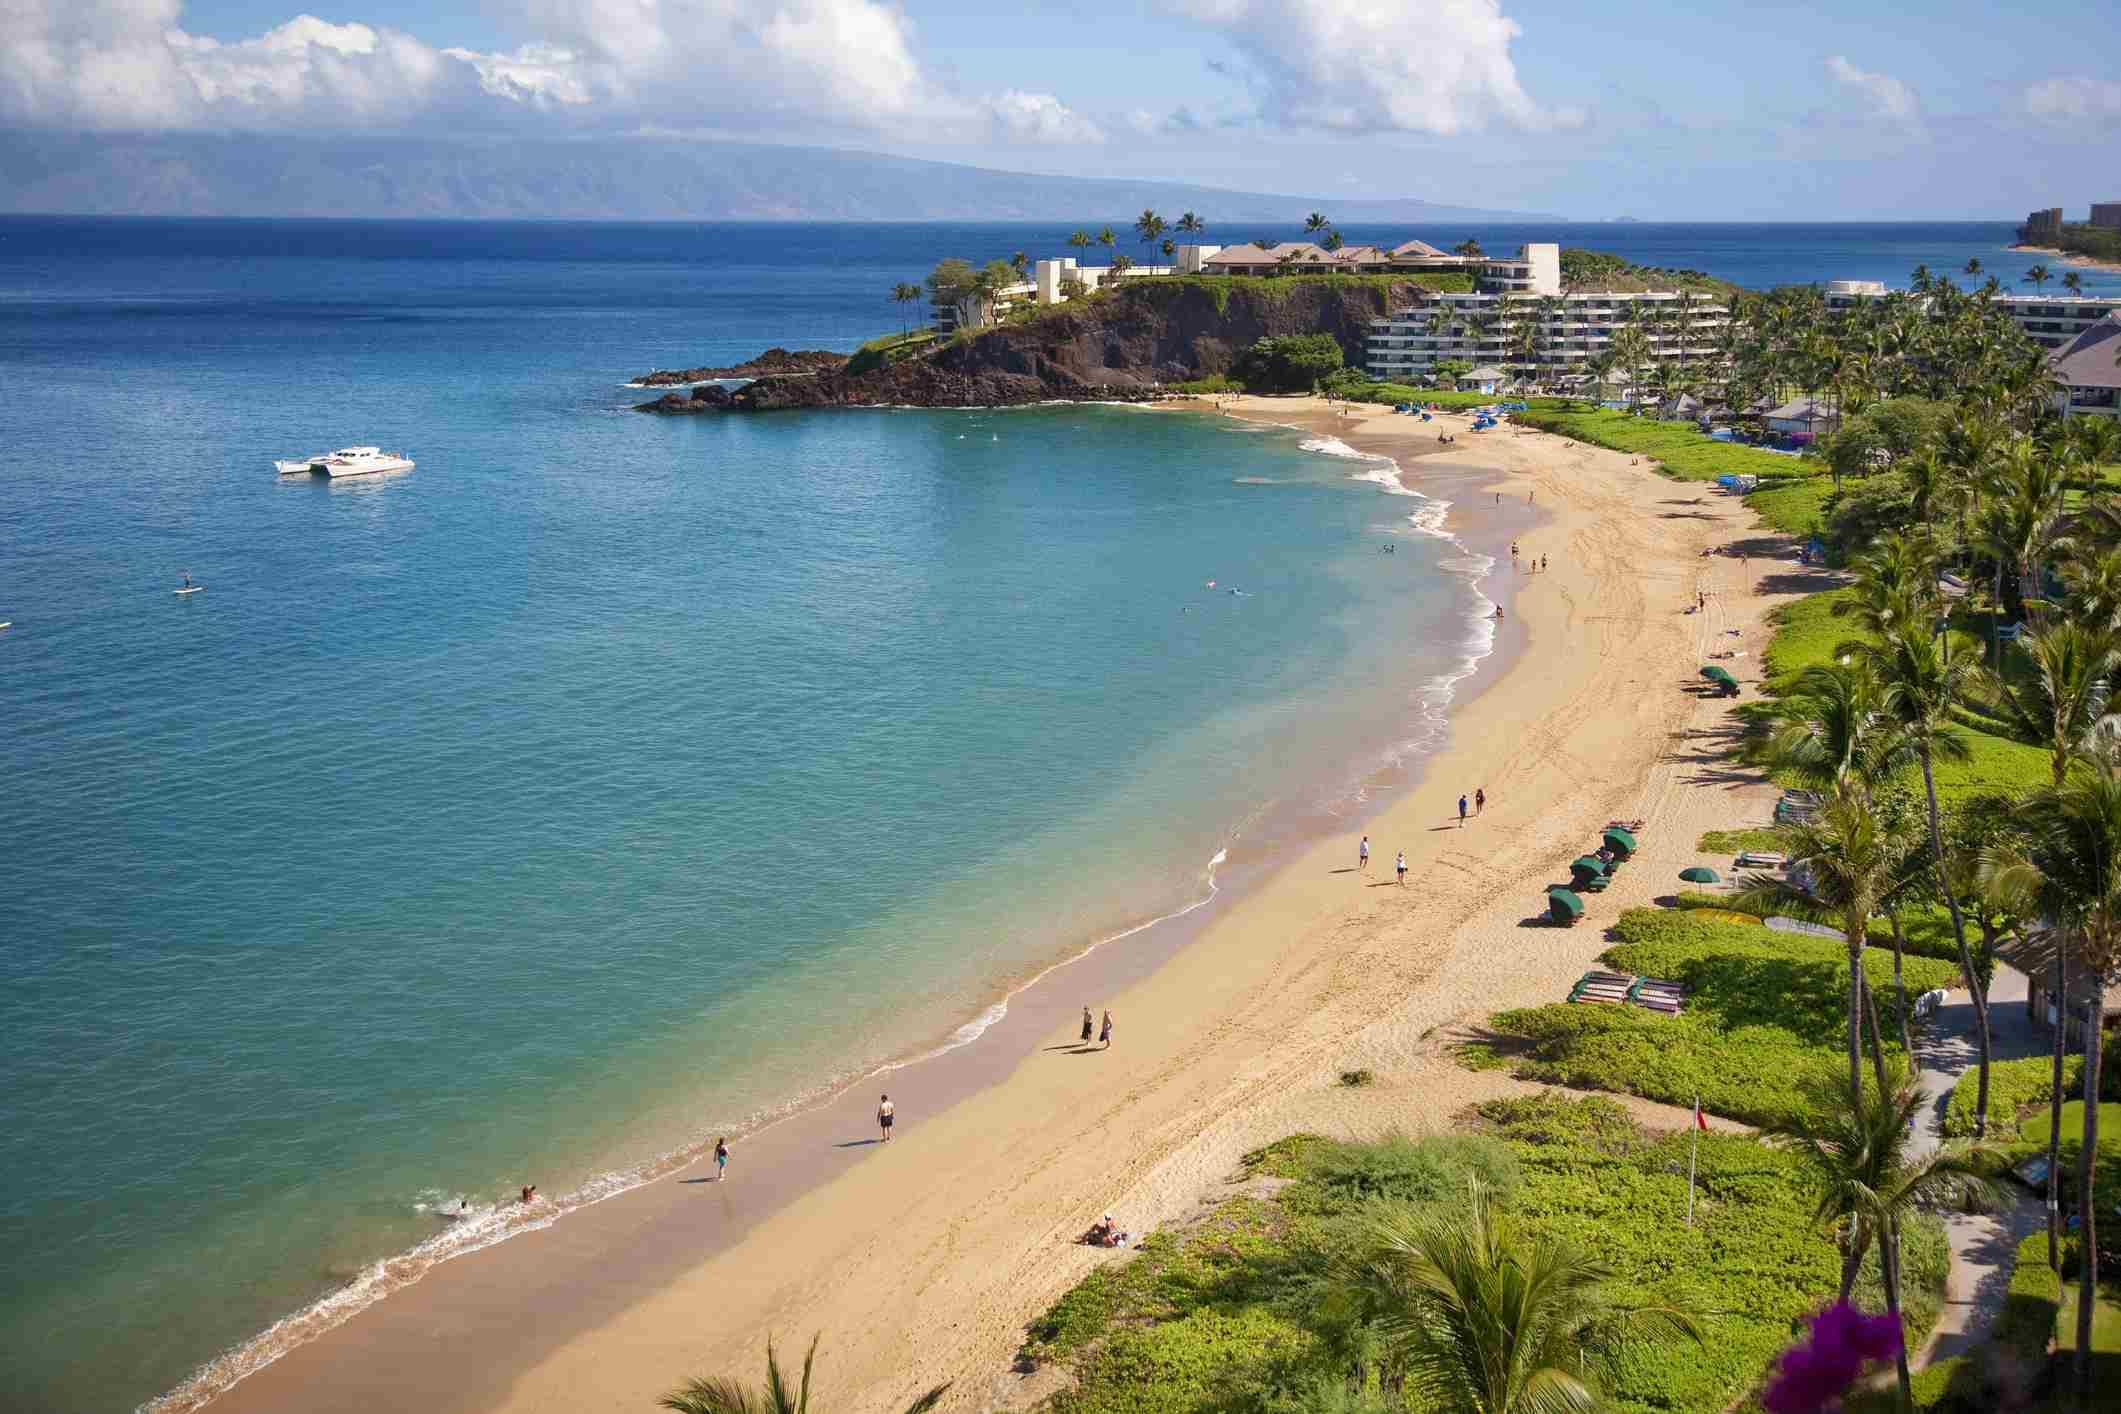 Ka Anapali Beach Resort Maui Where The World Comes To Play